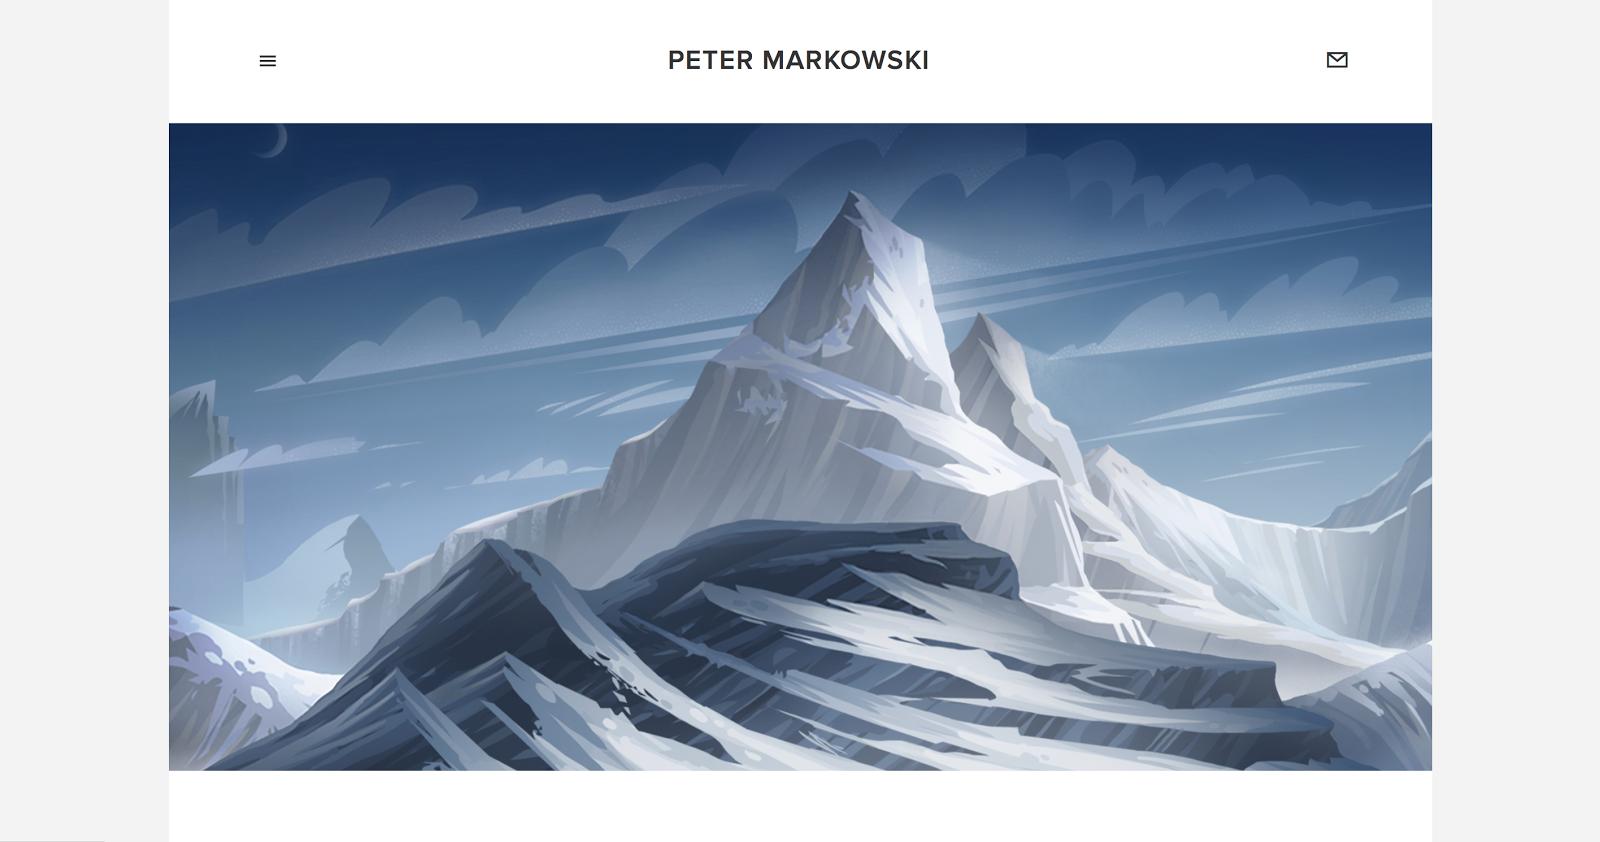 pitakow.com